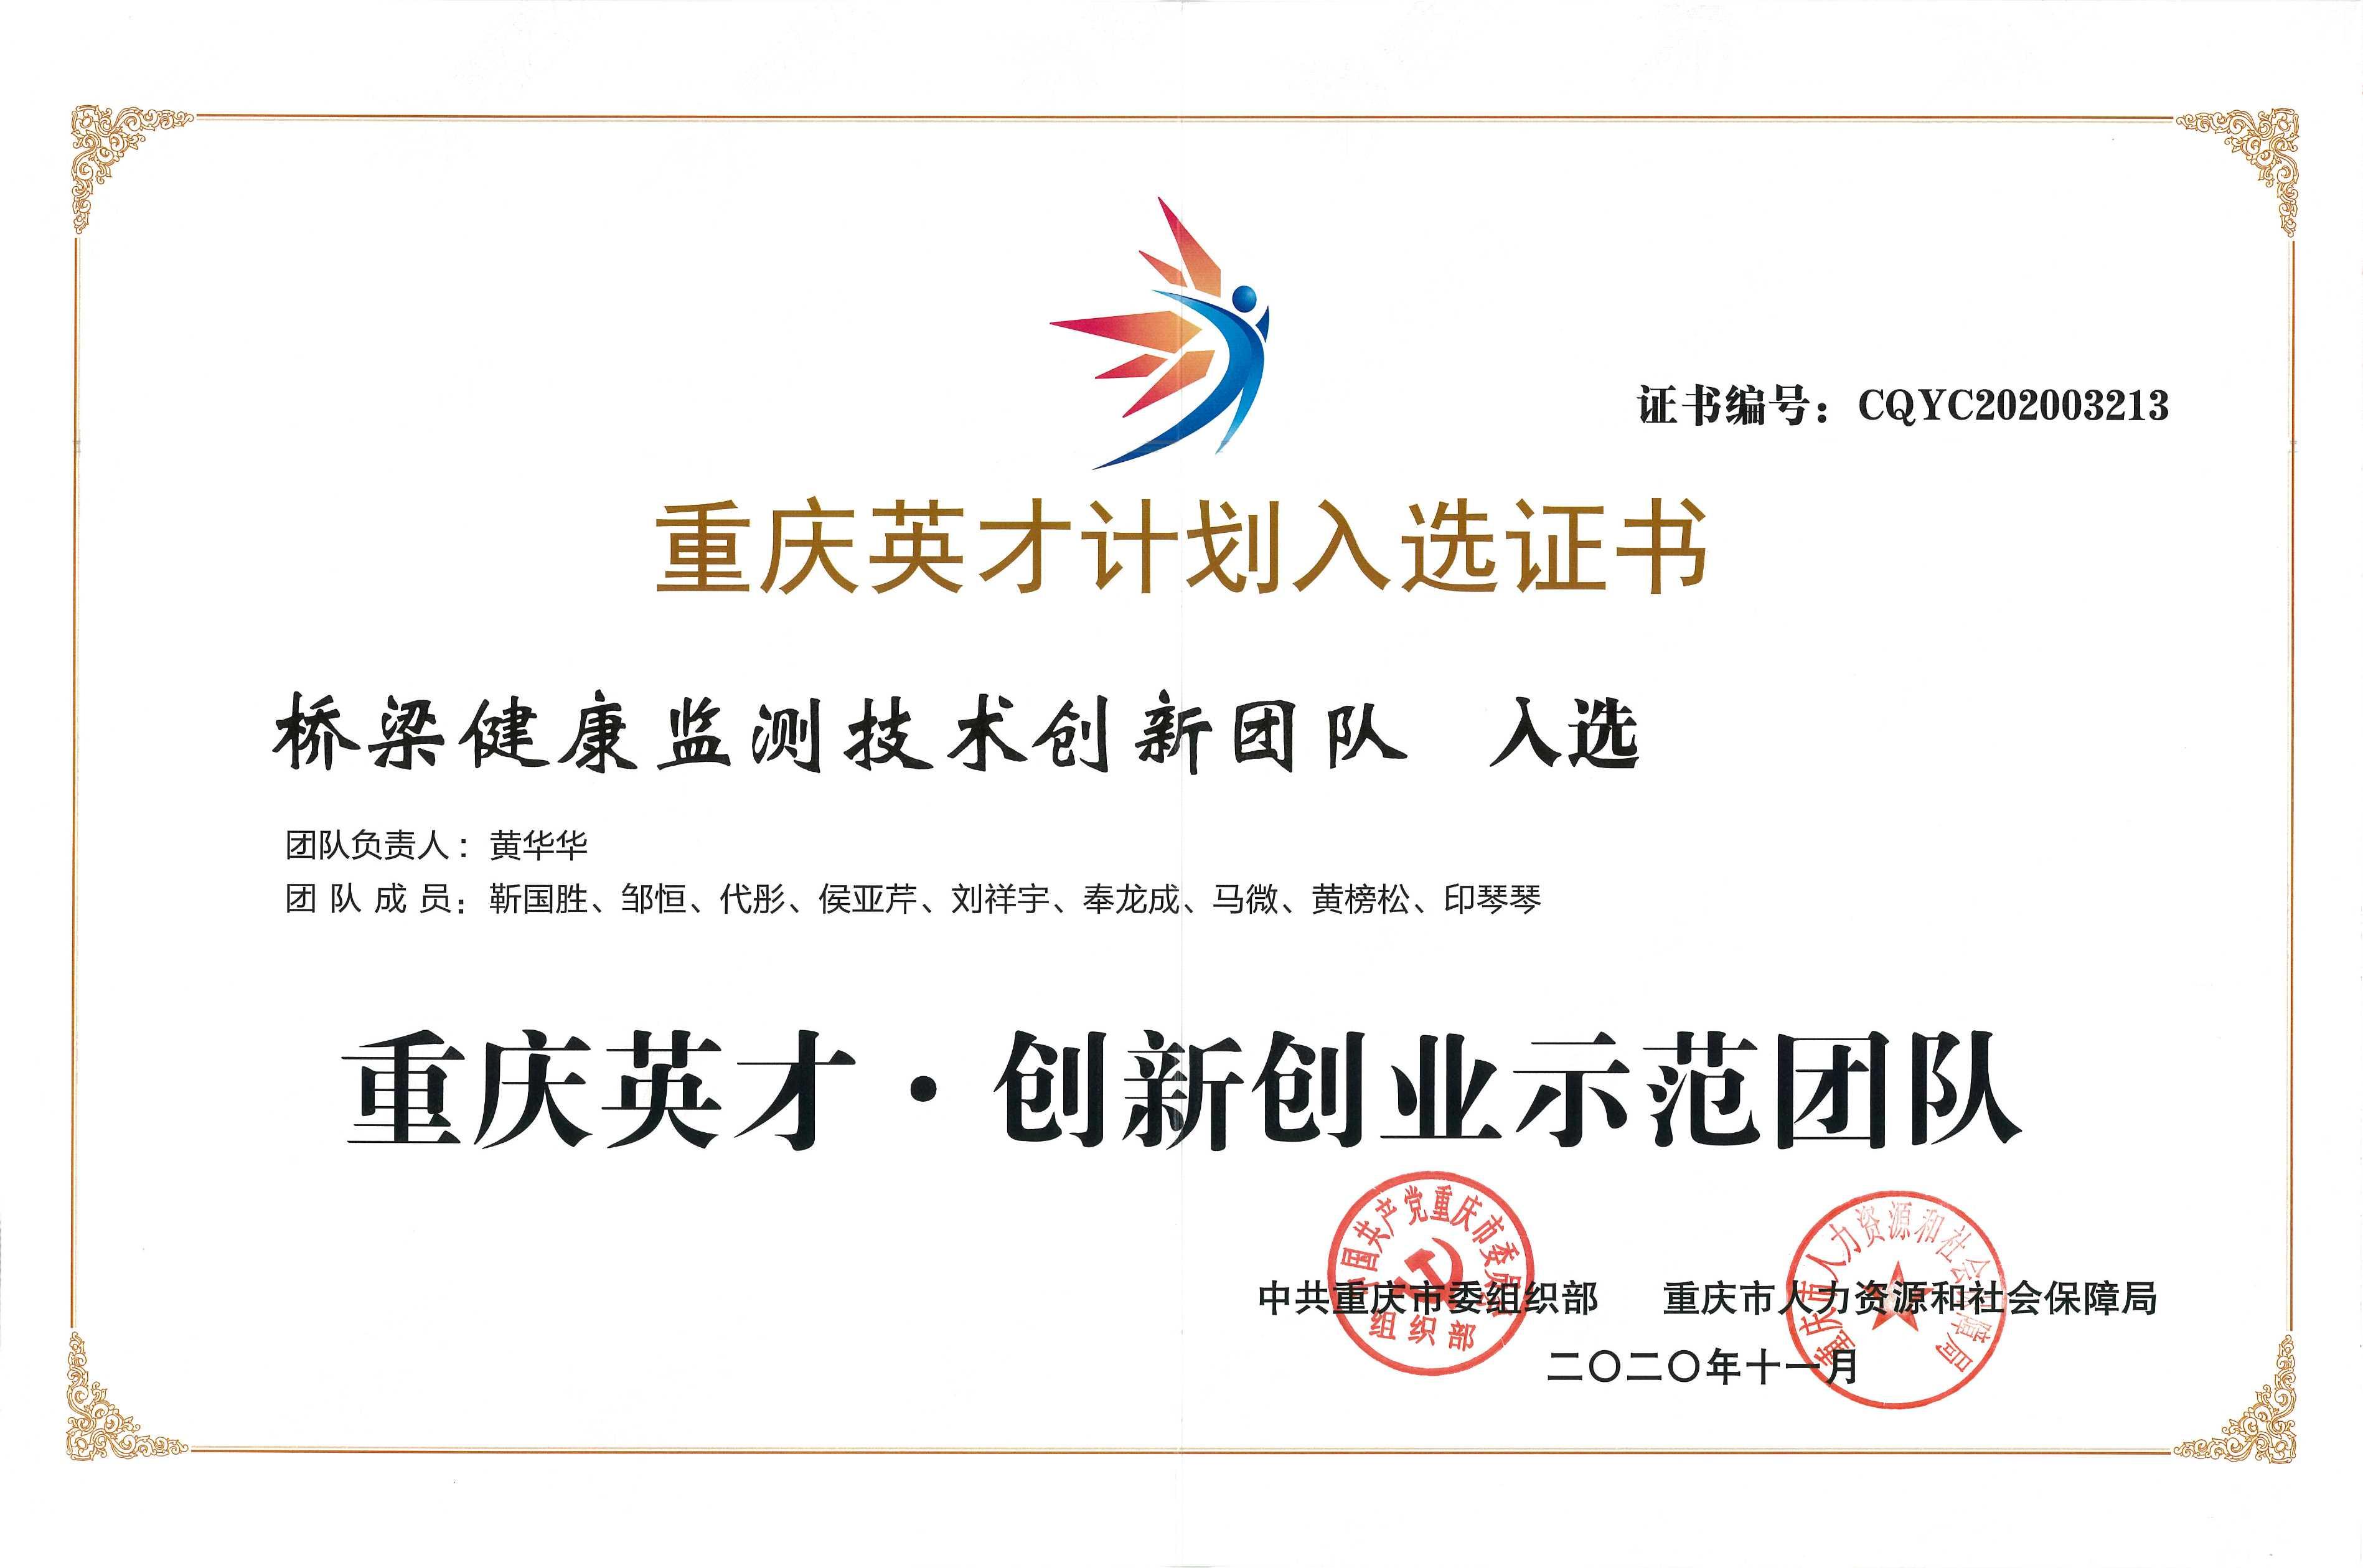 2020年重庆英才-创新创业示范团队-(桥梁健康监测技术创新团队)_1.JPG